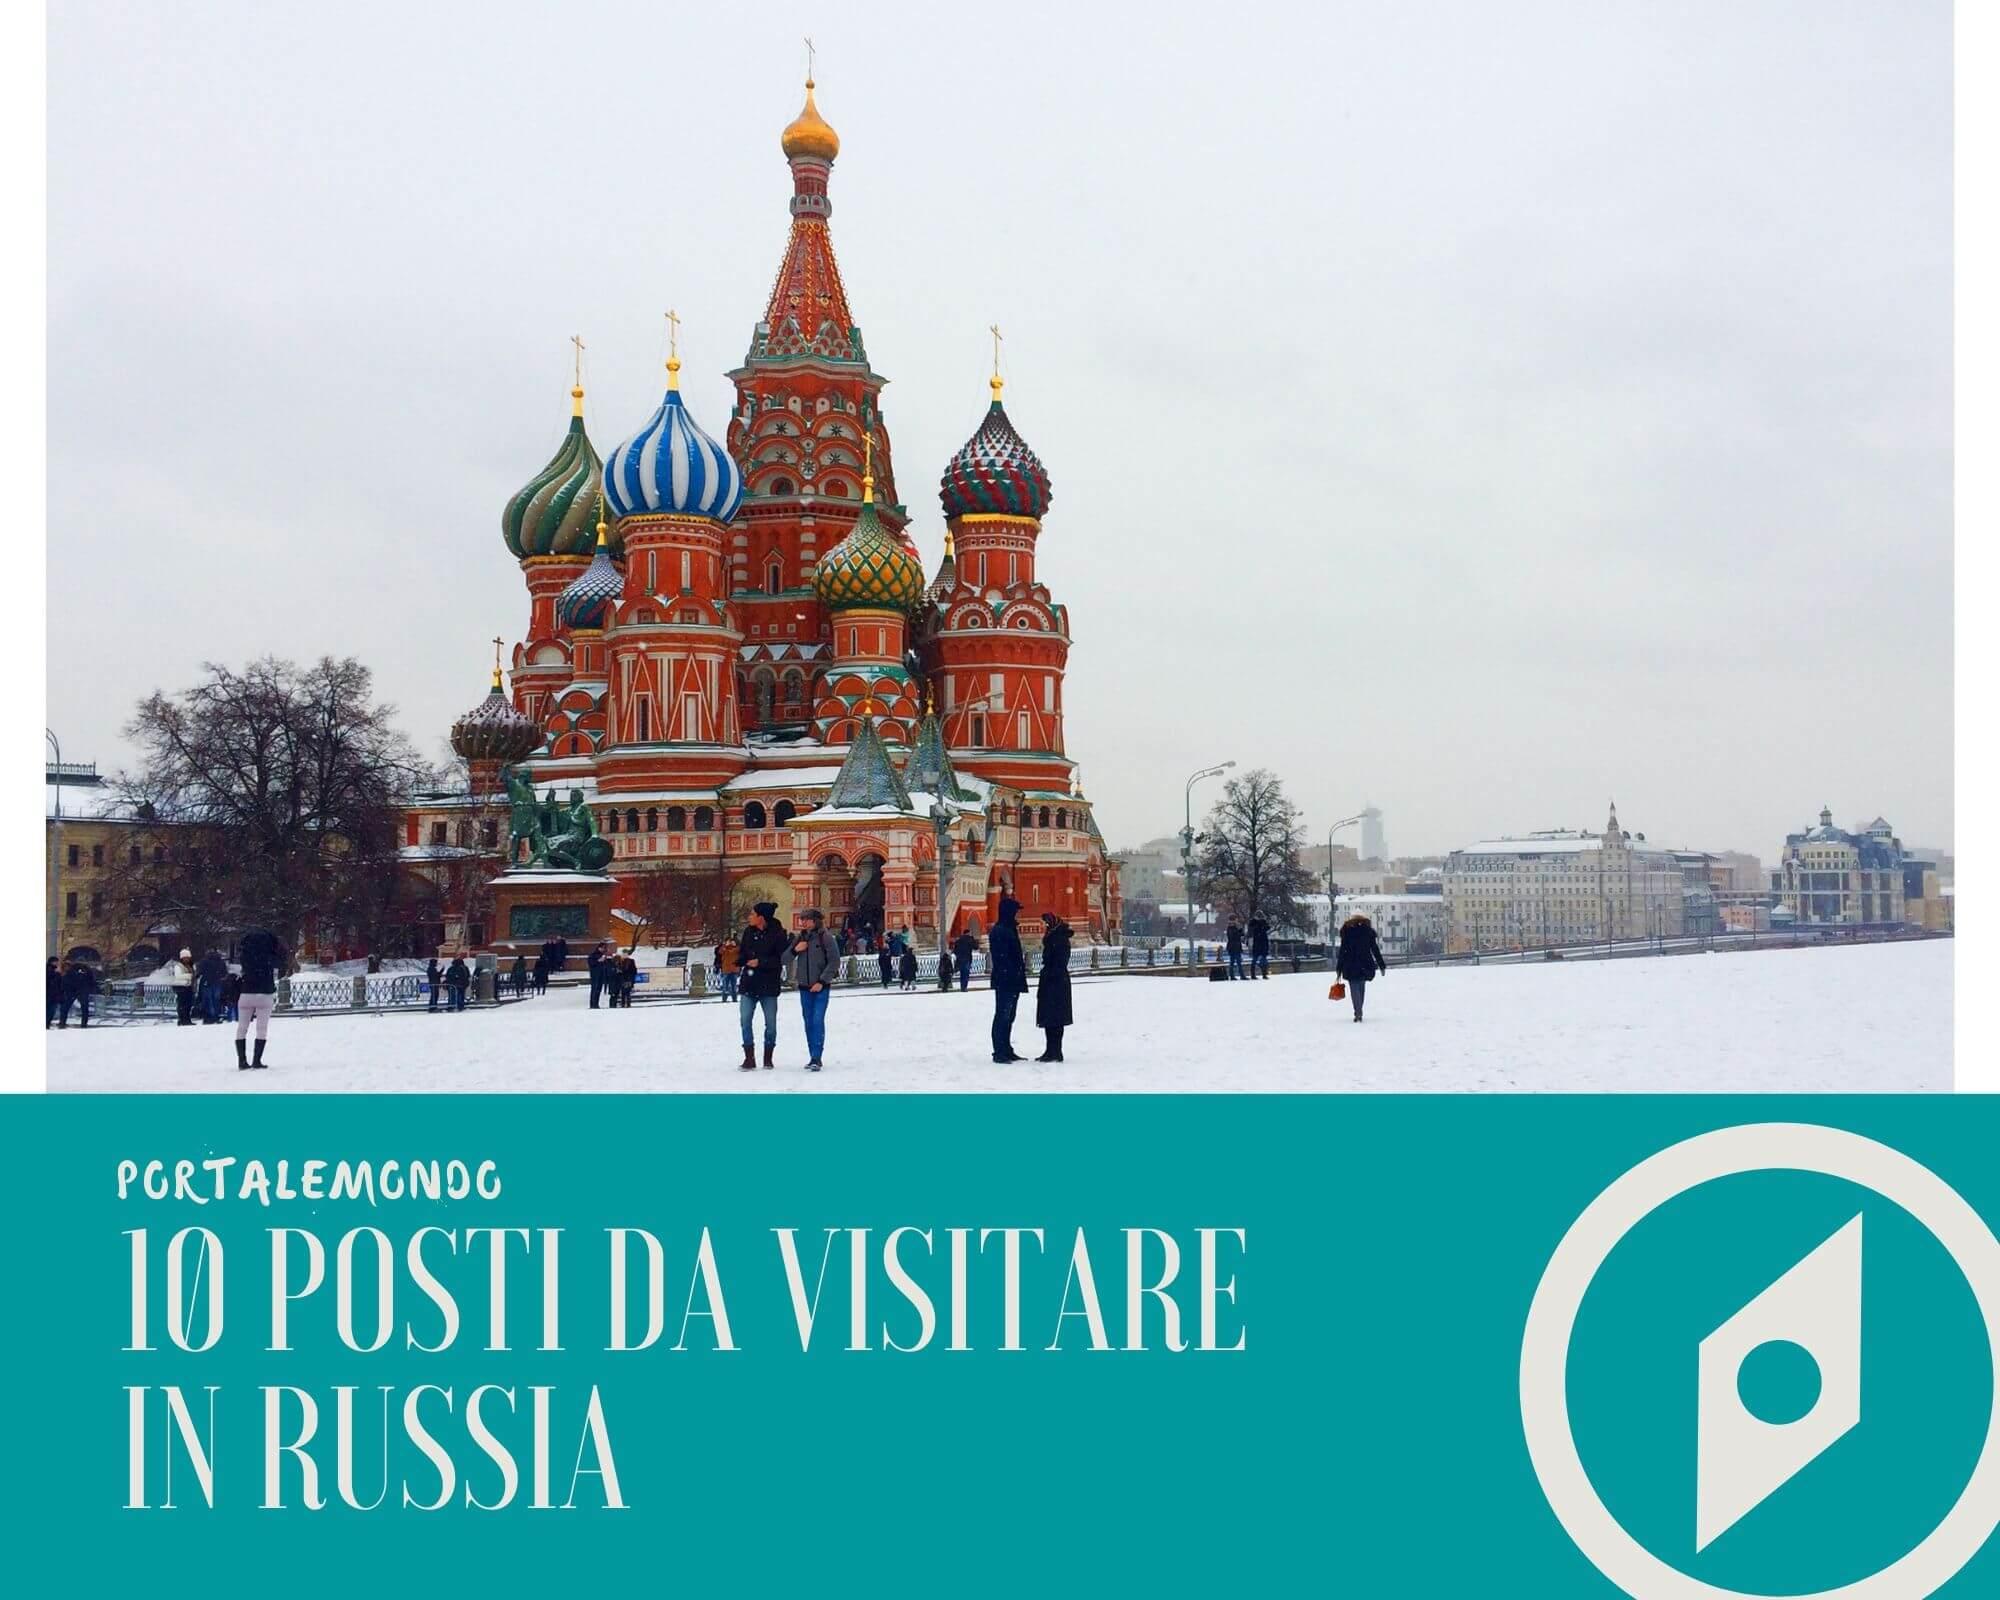 10 posti da visitare in Russia